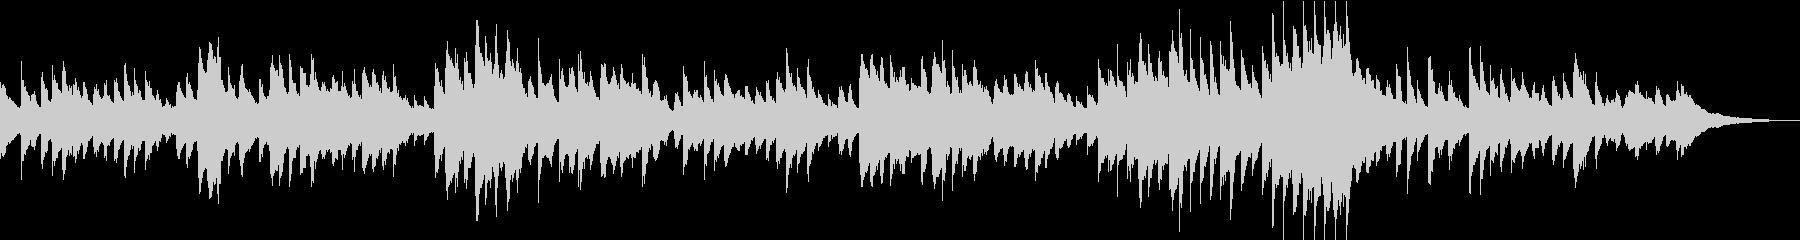 別れの曲/ショパン・アコギの未再生の波形